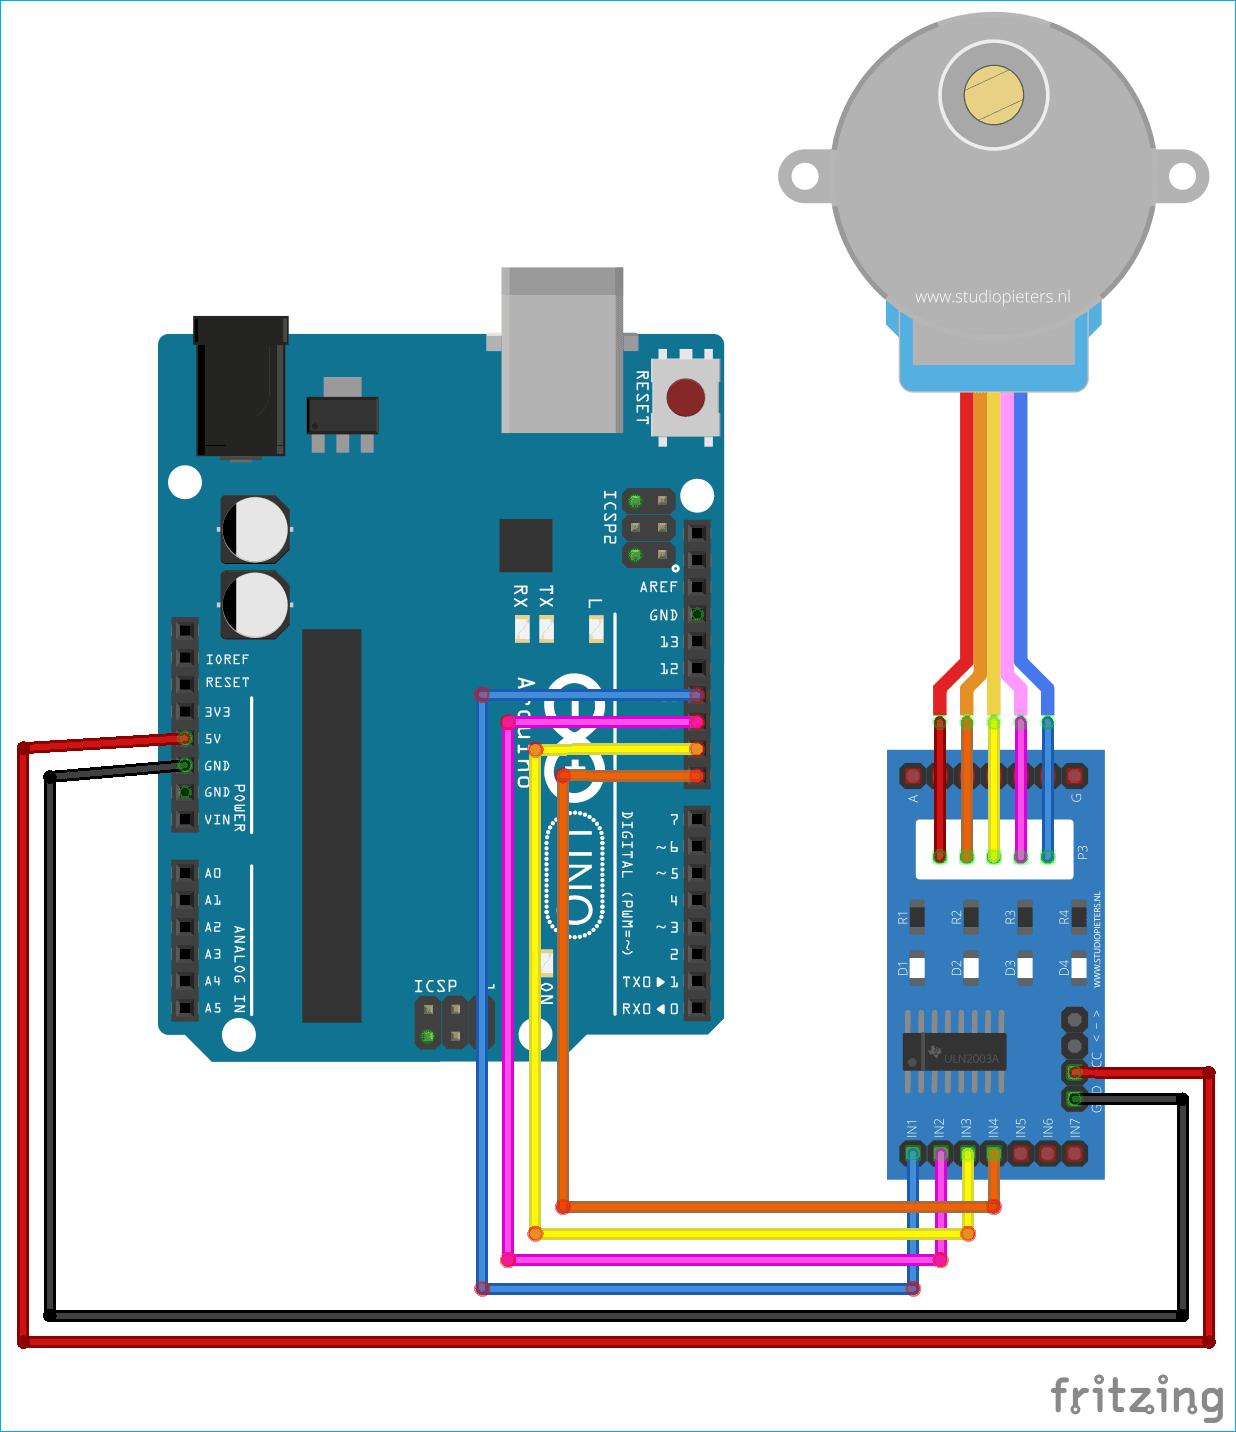 Схема проекта для управления шаговым двигателем с помощью MATLAB и Arduino